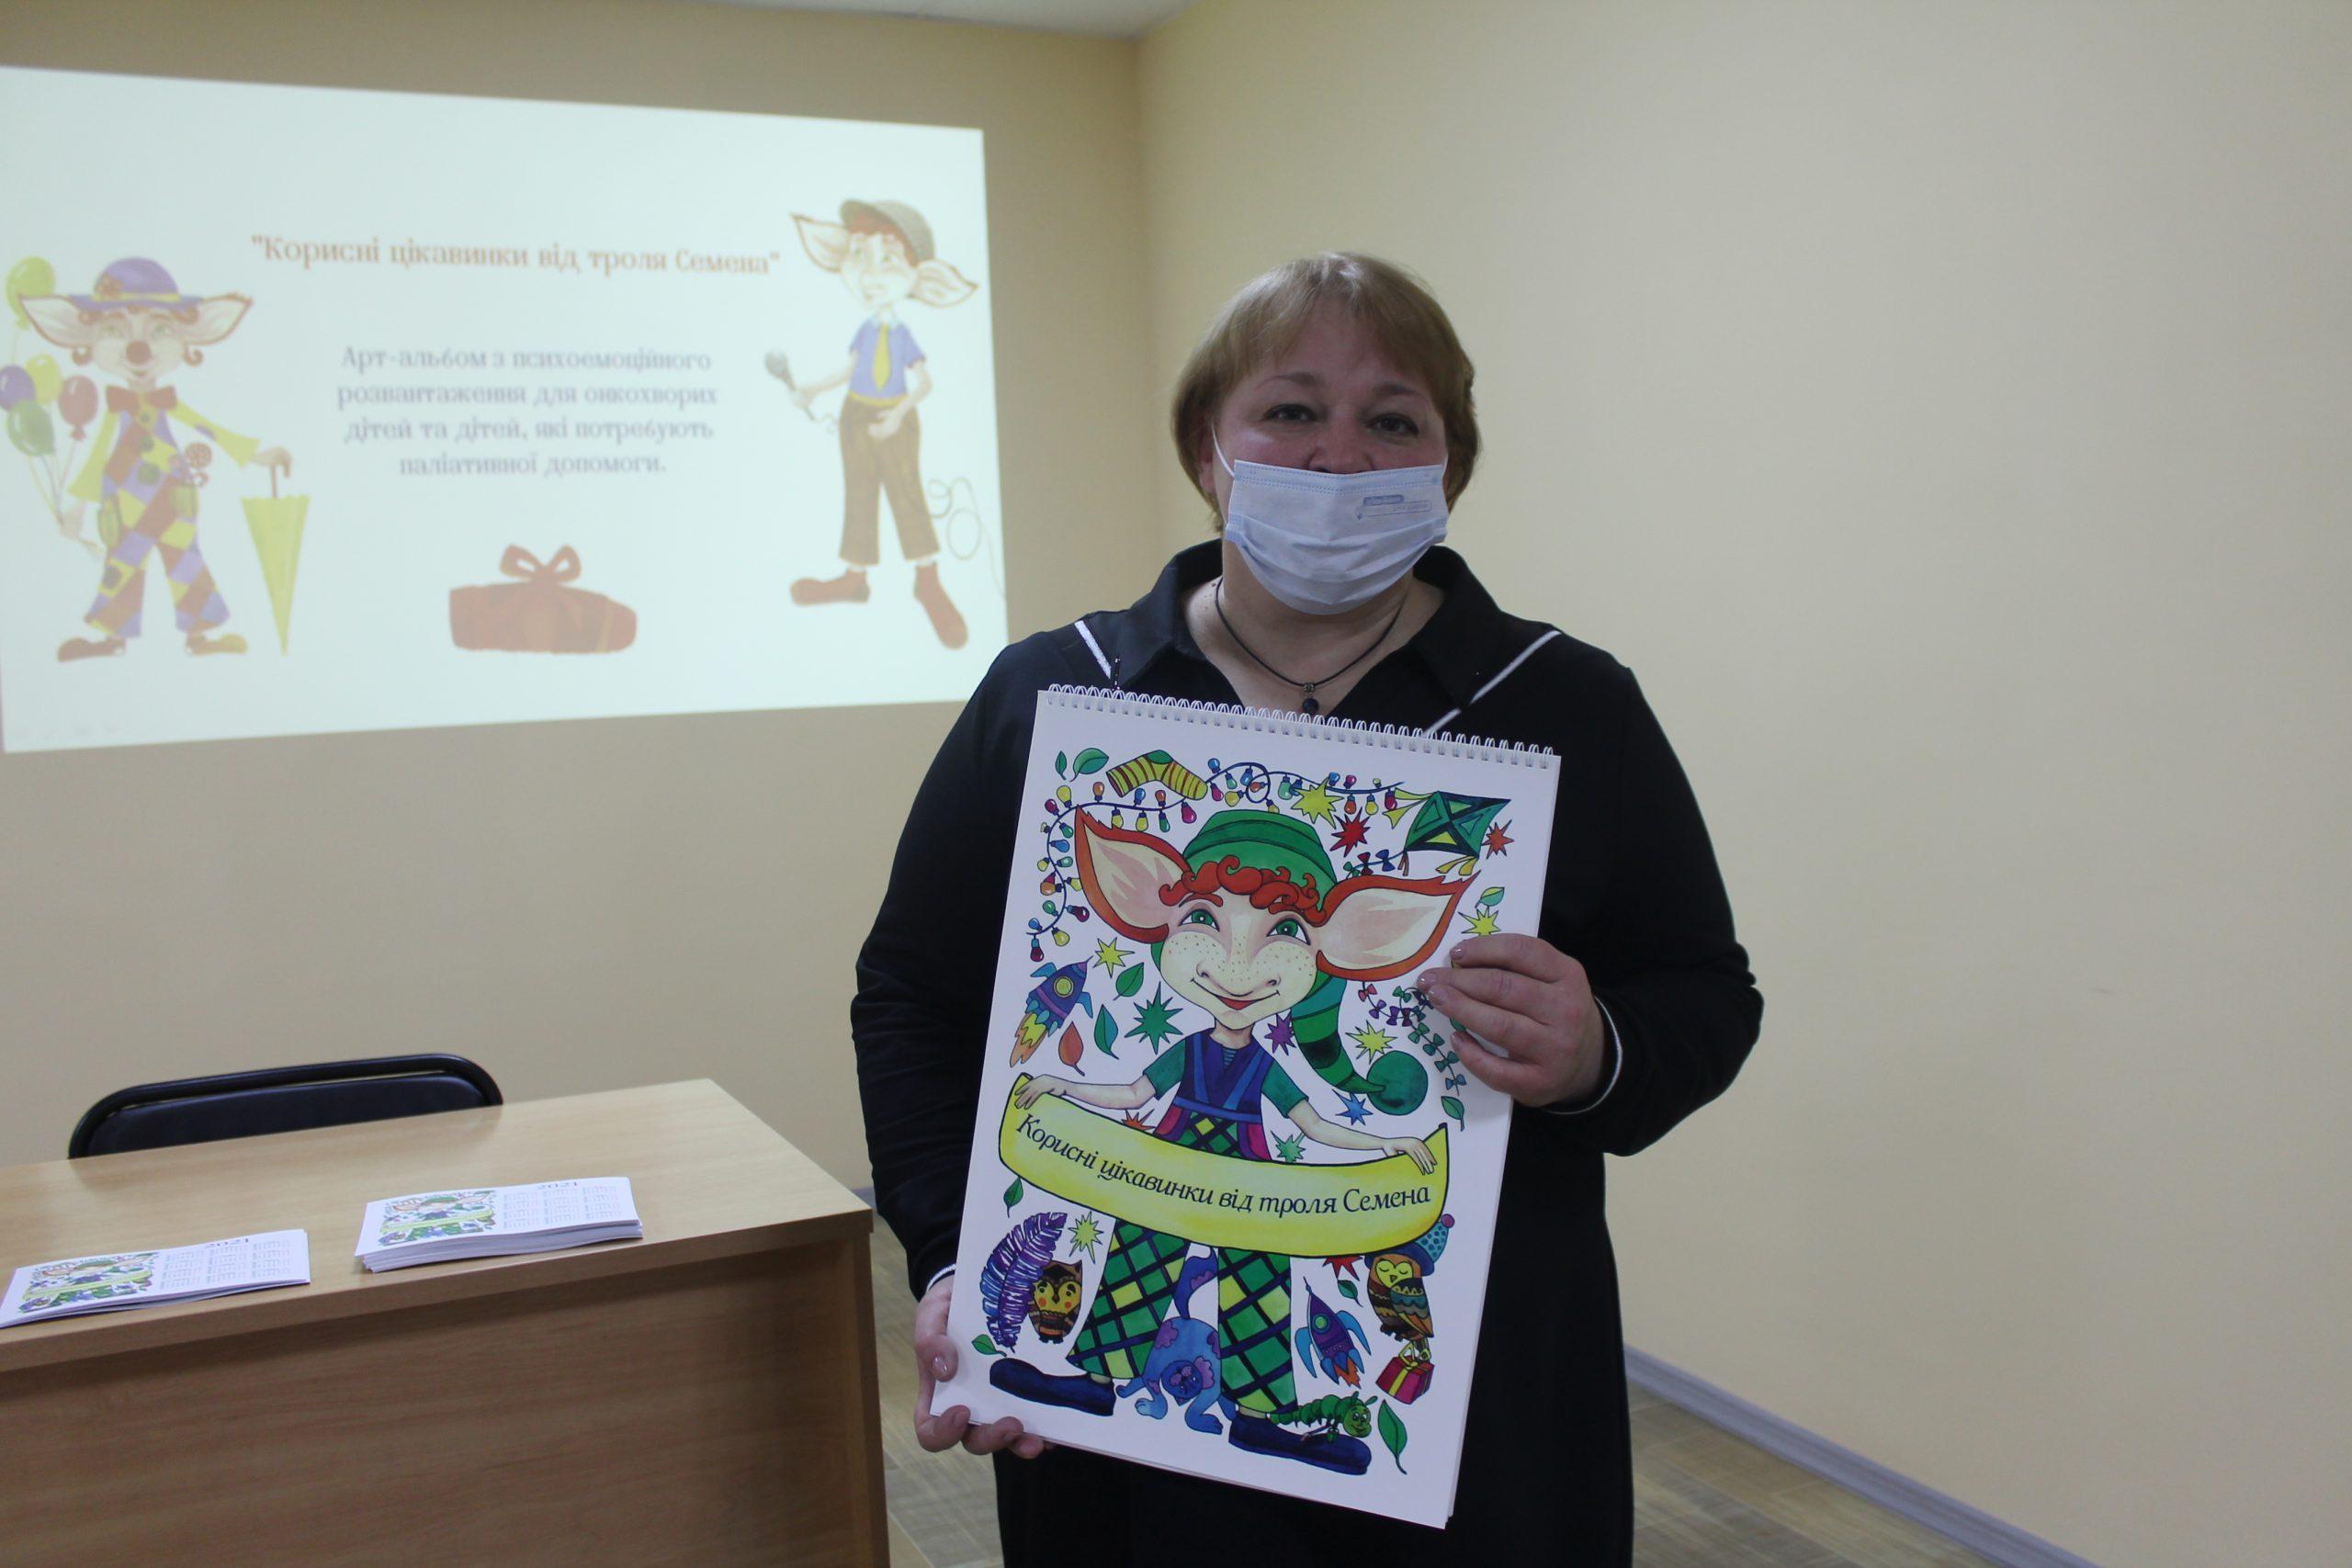 У Черкасах презентували арт-альбом для онкохворих дітей (ФОТО, ВІДЕО)